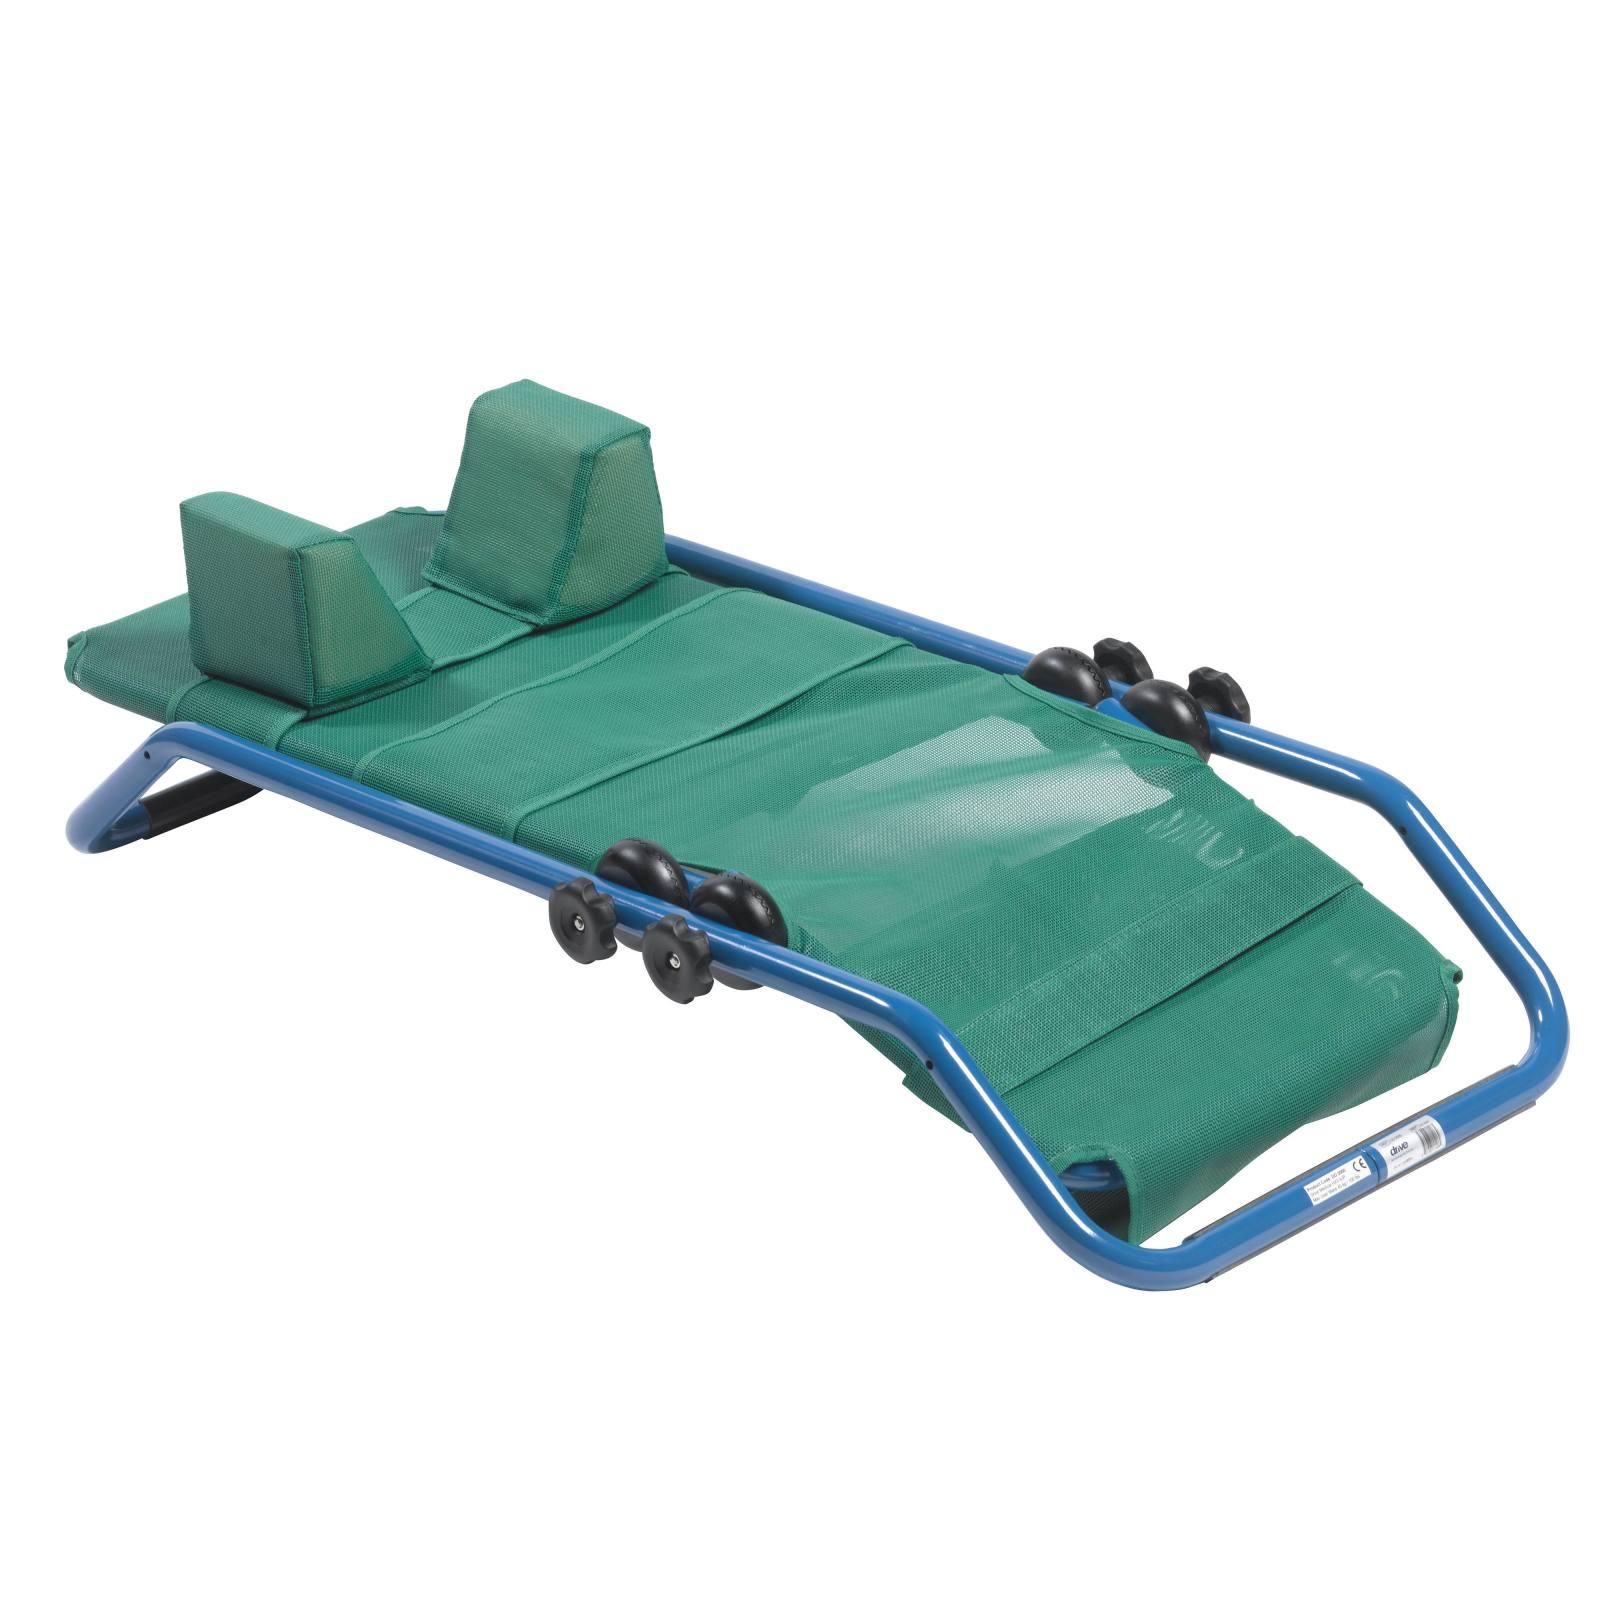 Dolphin Bath Chair for sale | Wellness Medical Supply, LLC - Sudbury ...